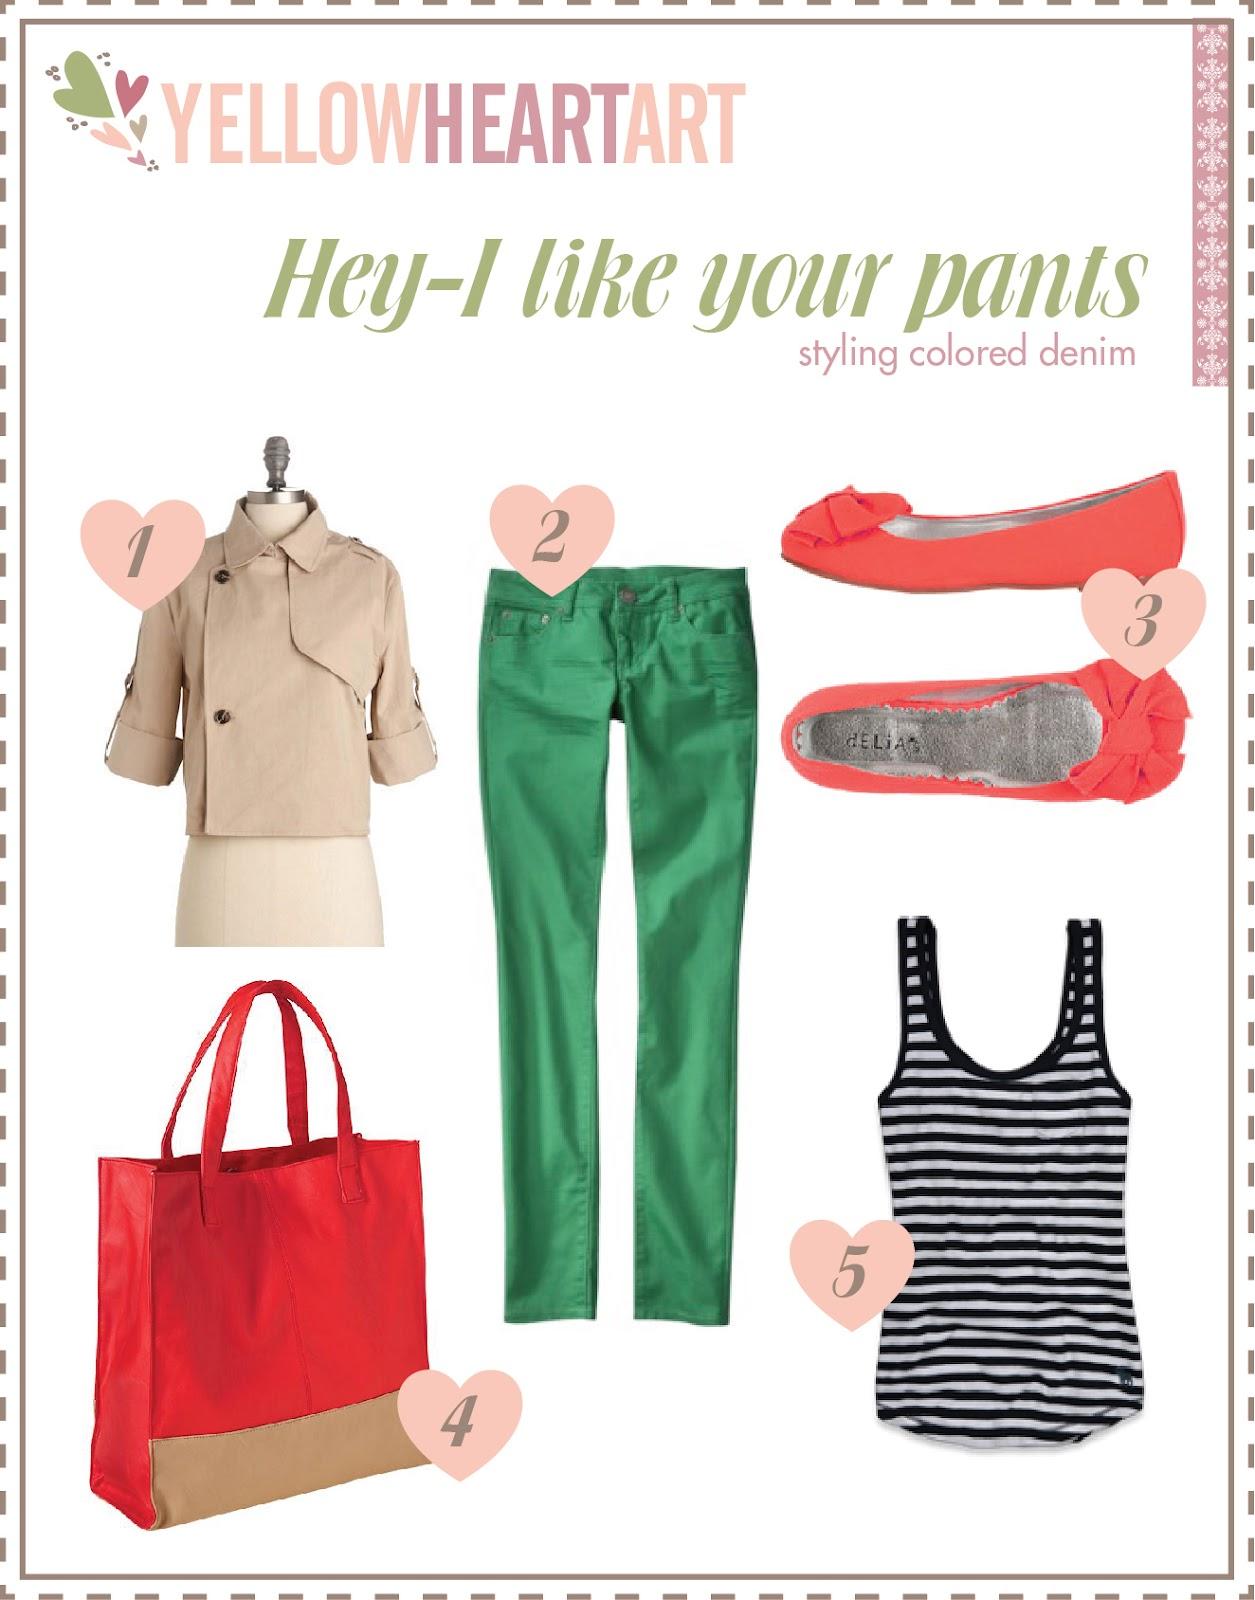 http://2.bp.blogspot.com/-LsW0zdro8HE/Tz0PCN6UnTI/AAAAAAAABME/y84viGz6RDM/s1600/NEW+BRANDING+like+your+pants.jpg